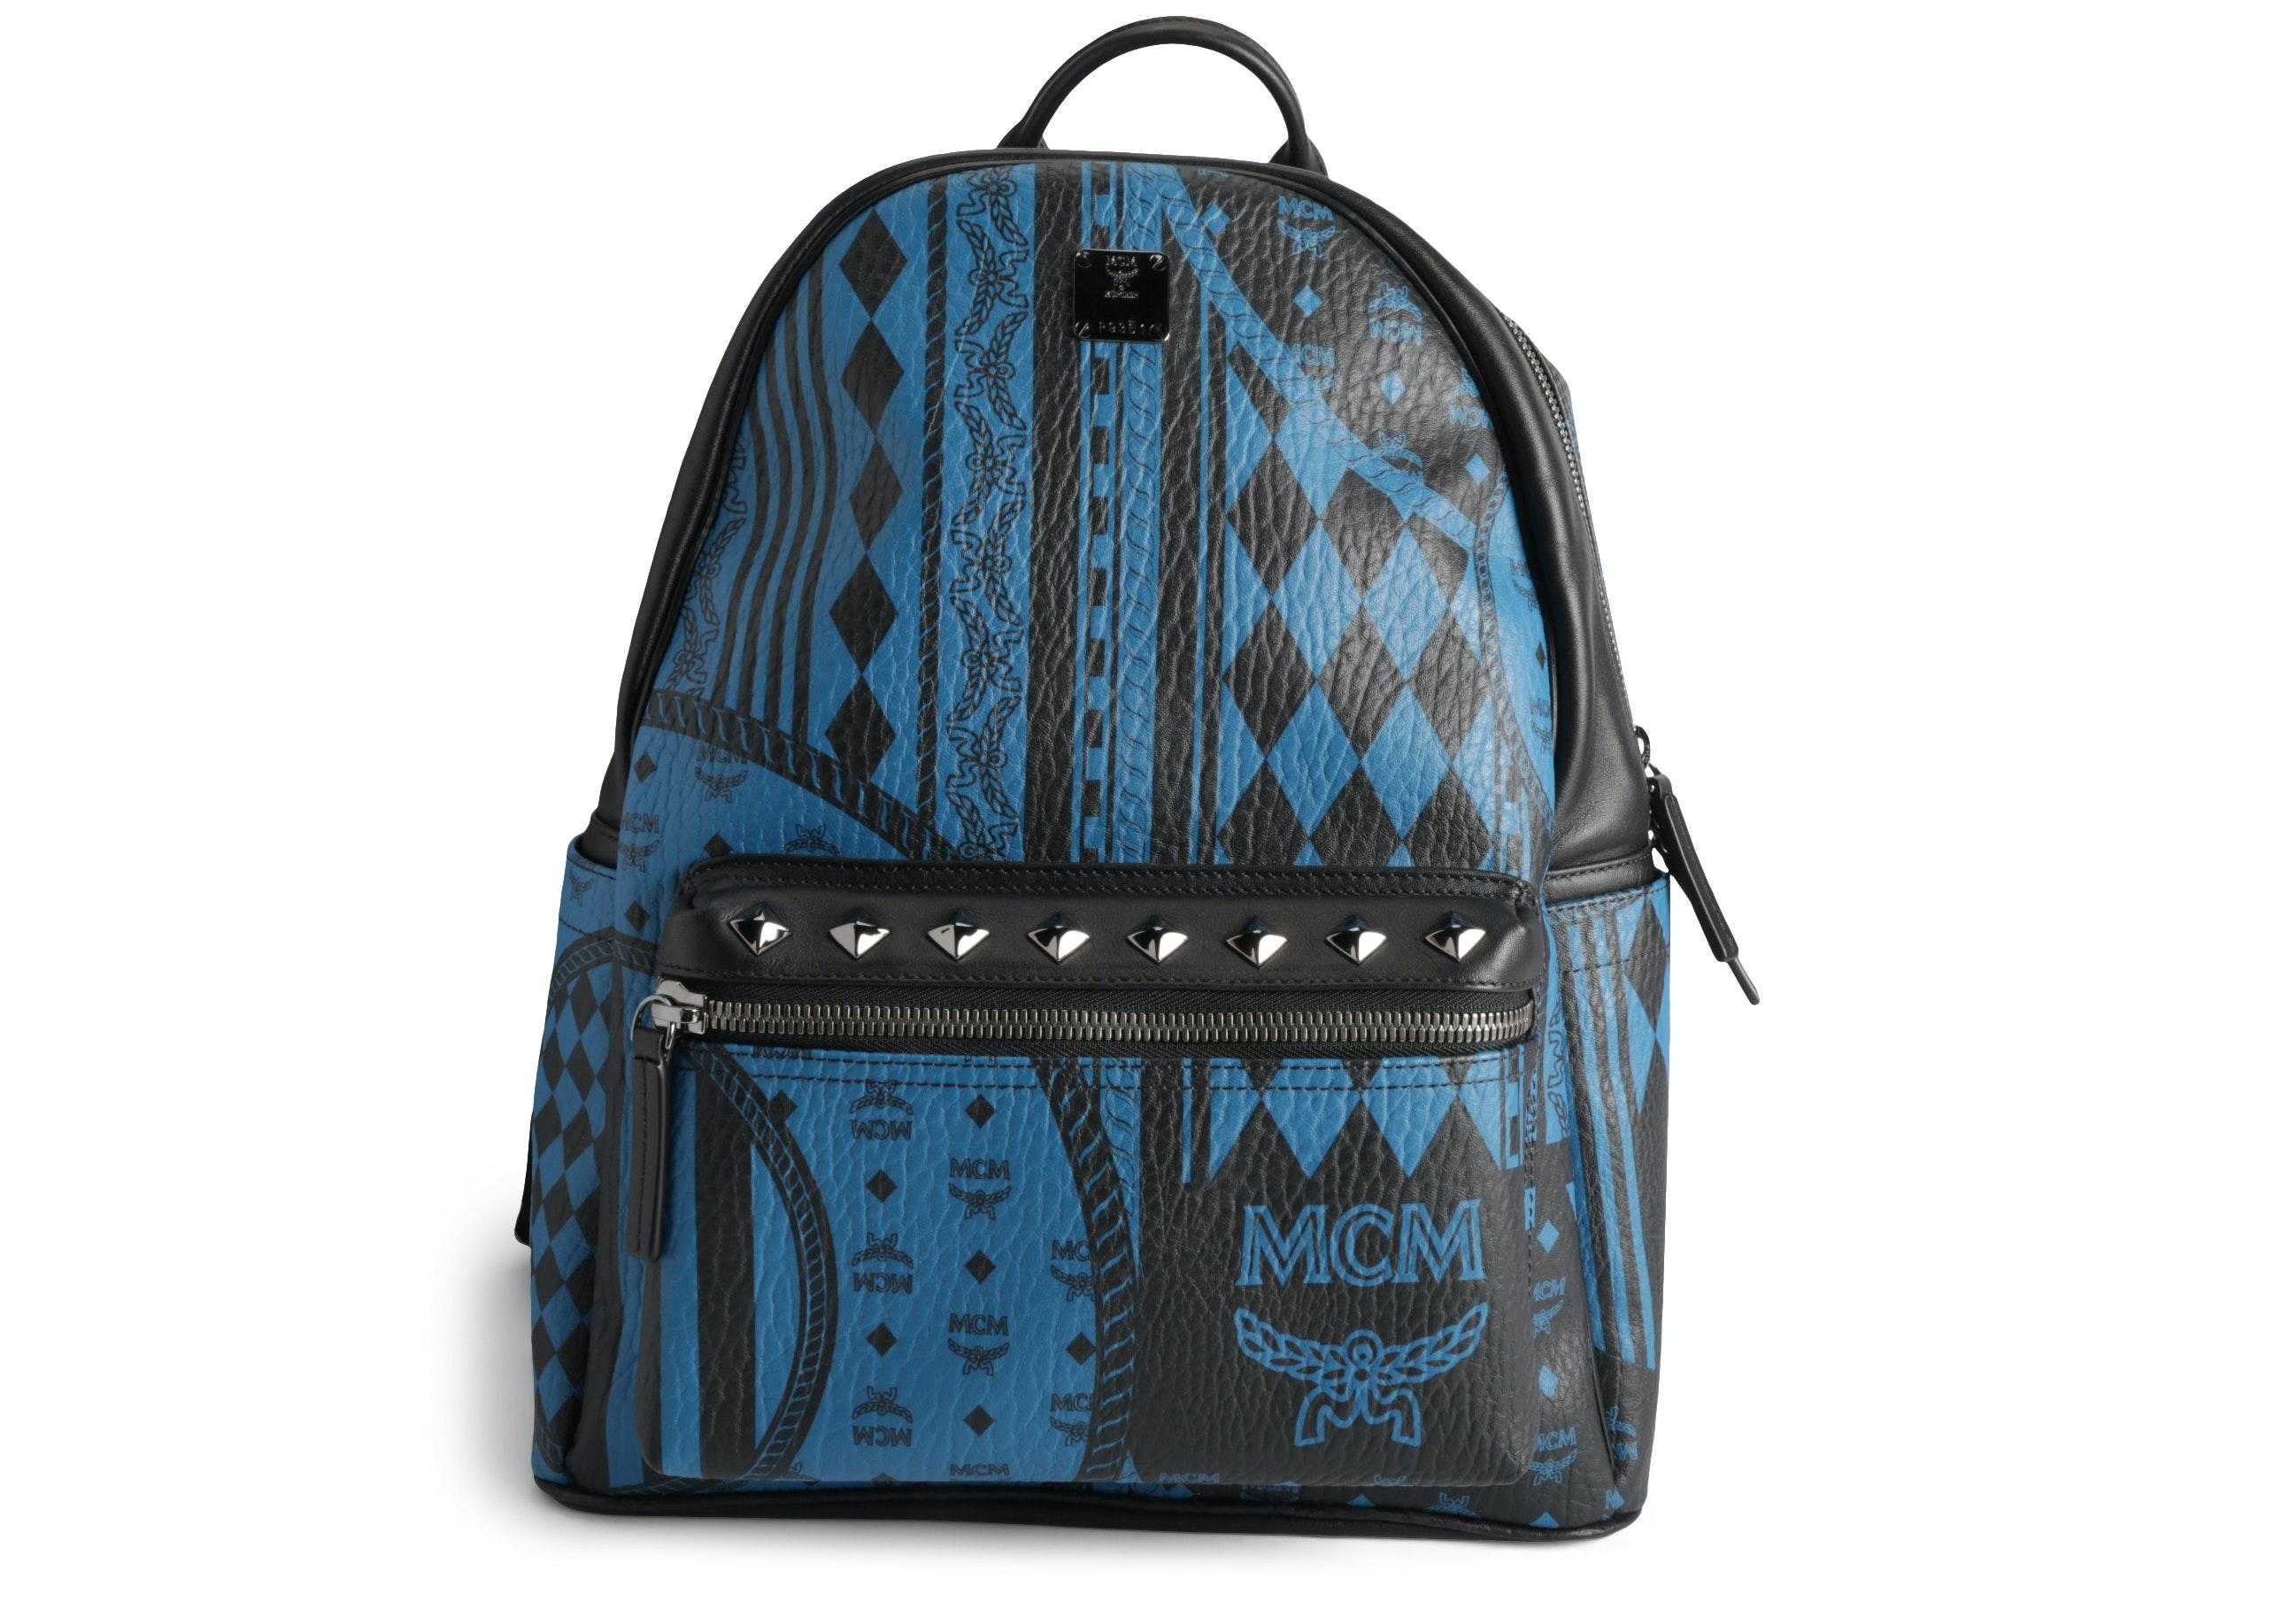 MCM Stark Backpack Baroque Visetos Studded Large Blue Black